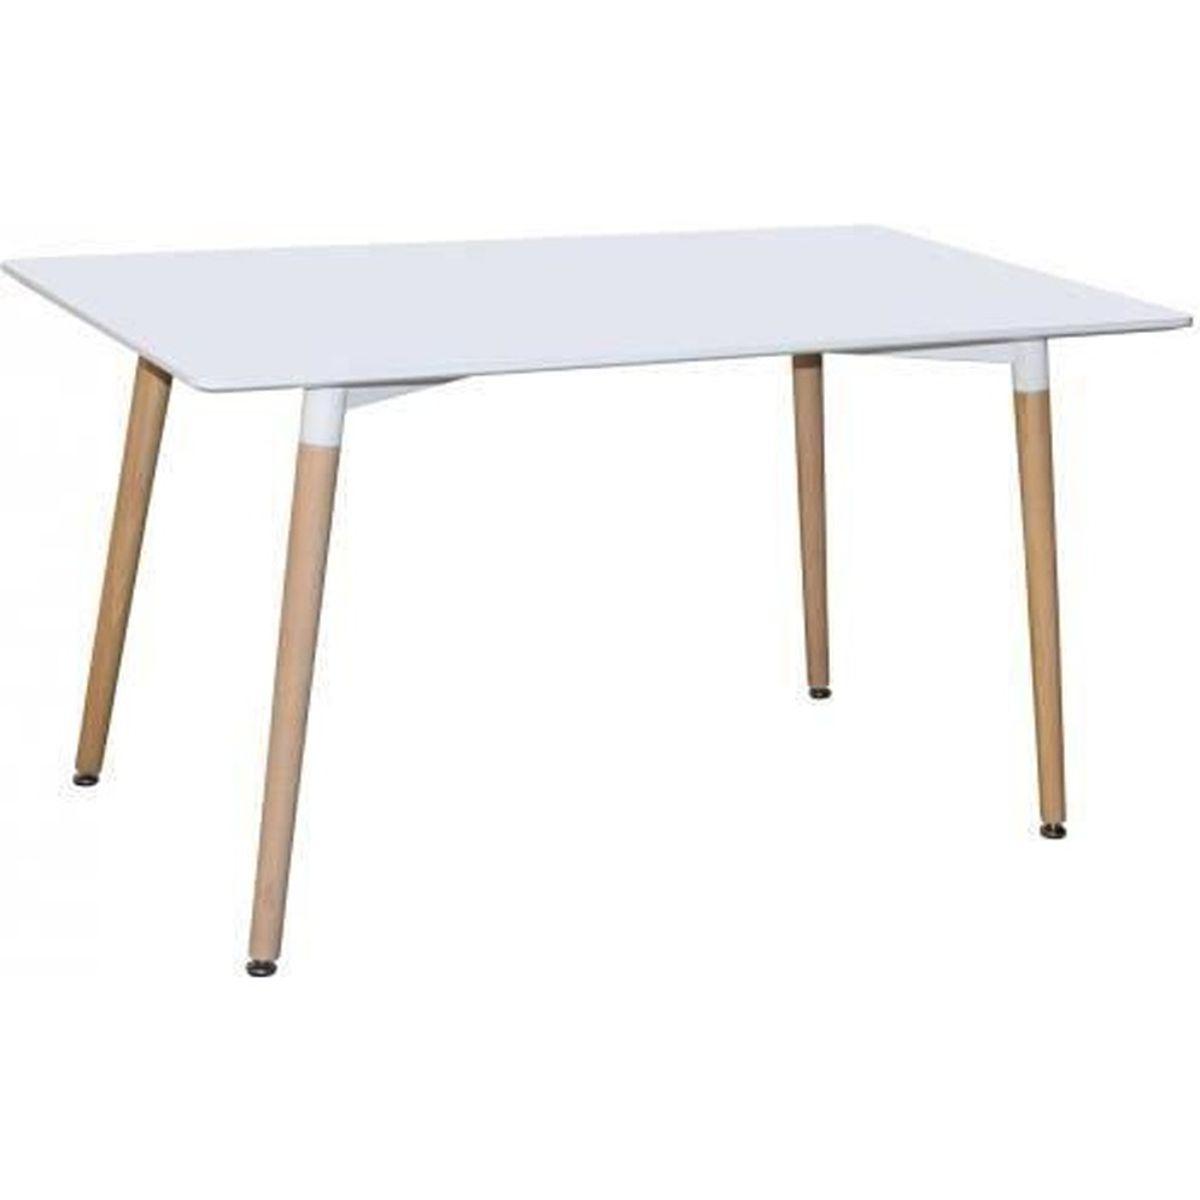 TABLE À MANGER SEULE TABLE À MANGER SCANDINAVE EN BOIS LAQUÉE BLANC CAM